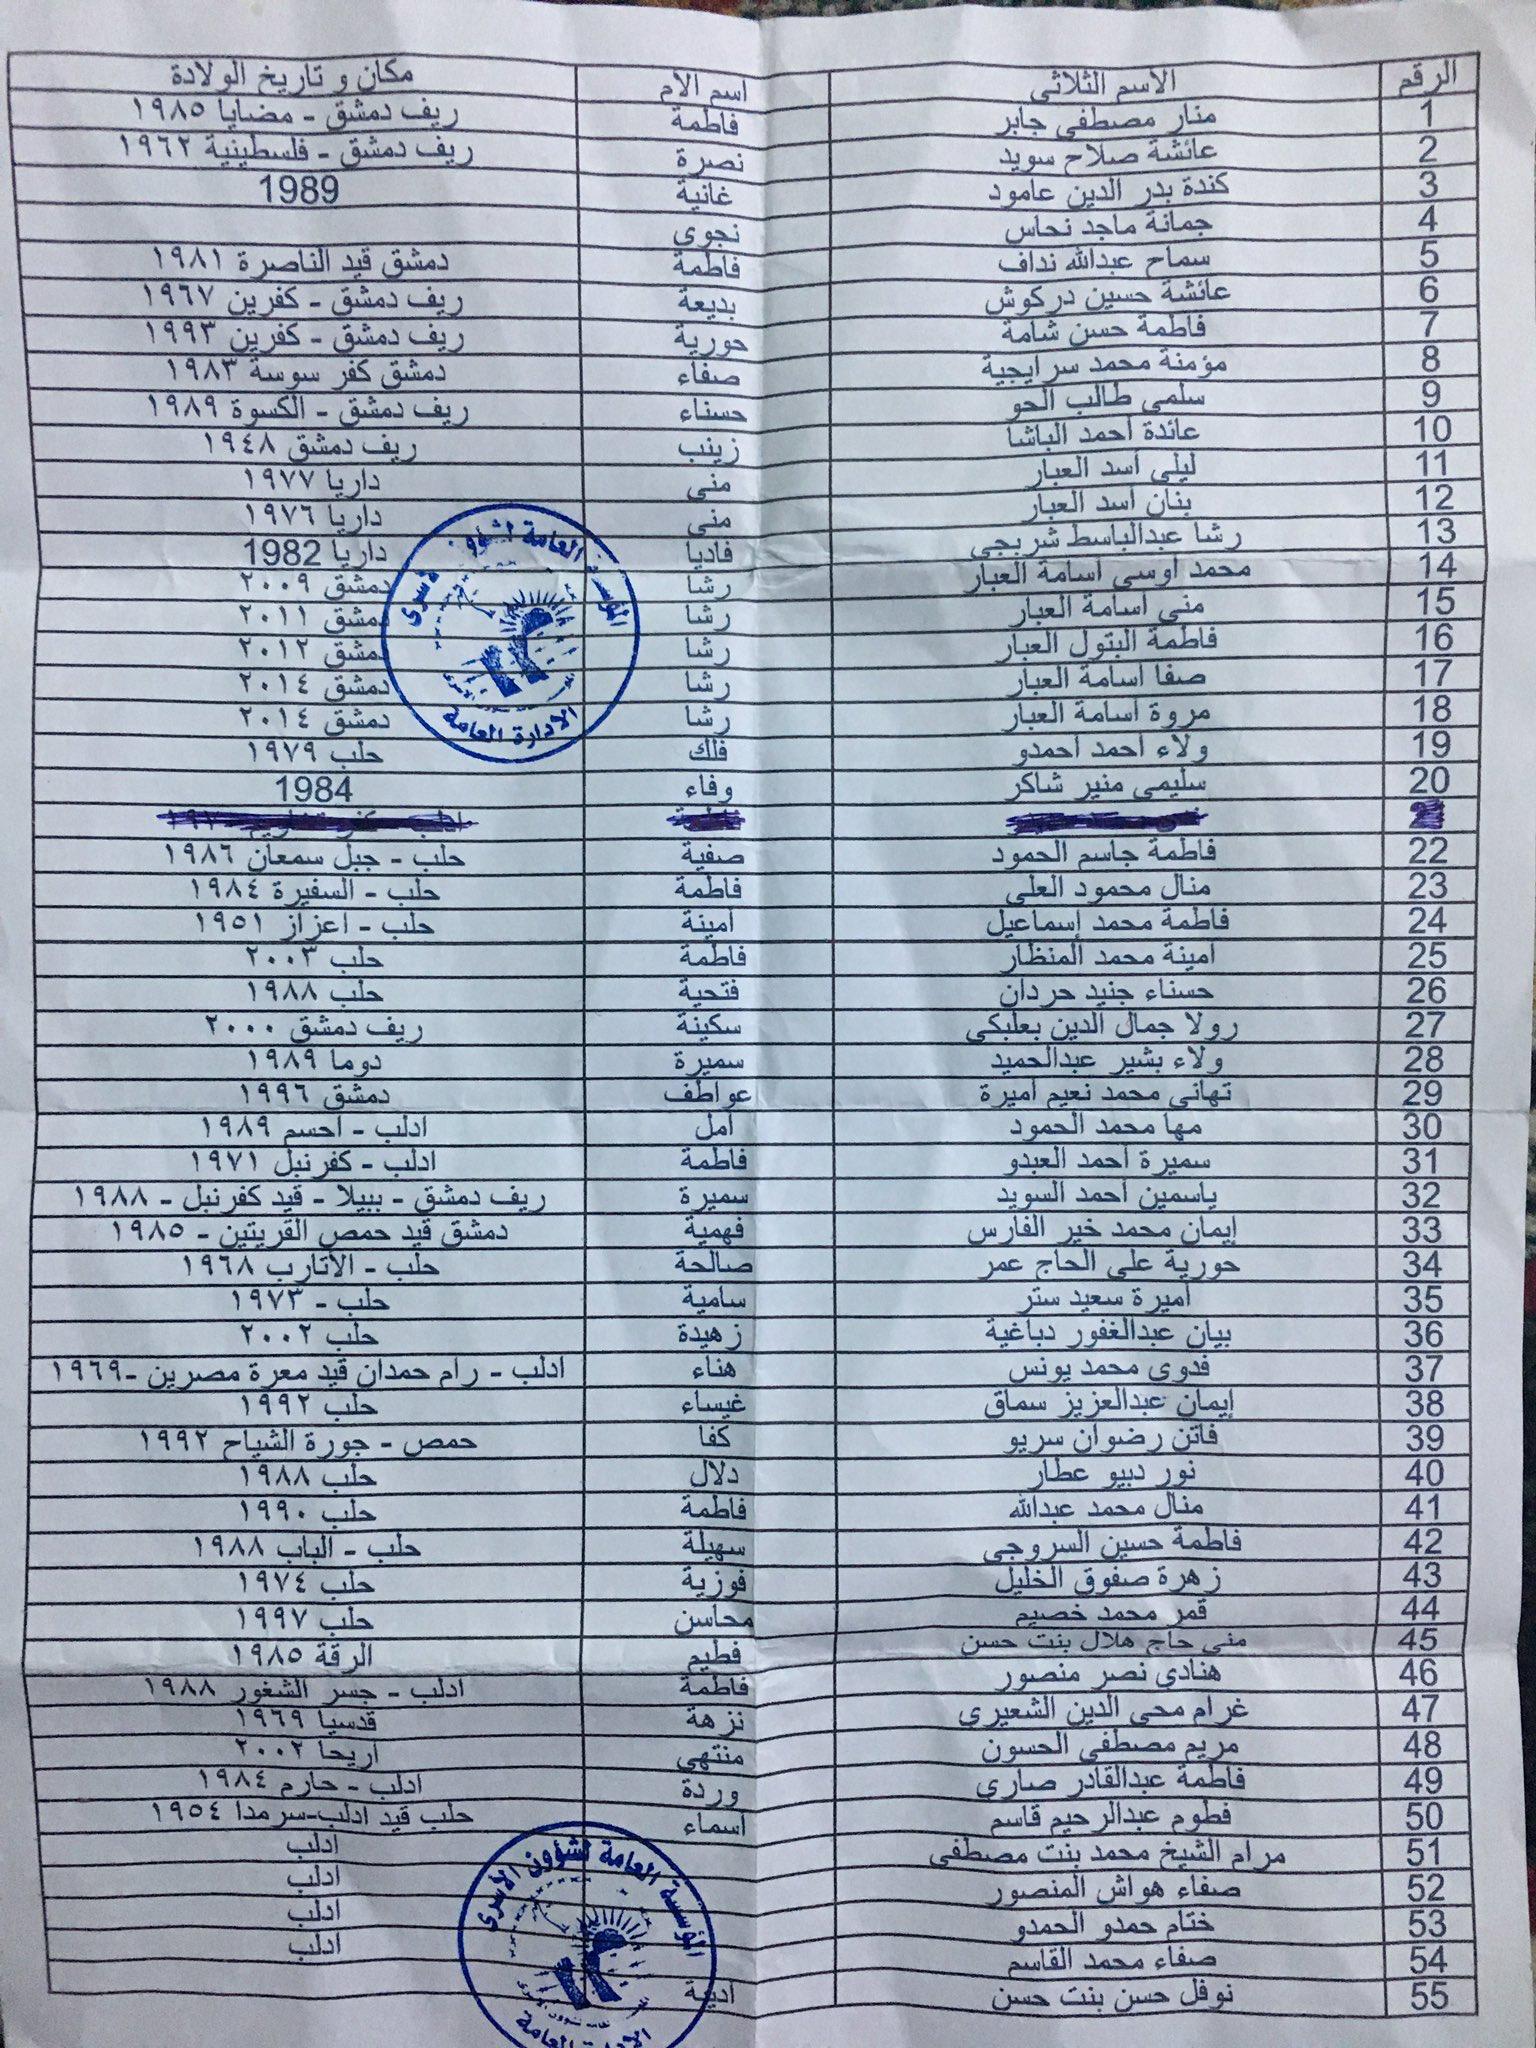 القائمة الكاملة للمفرج عنهم من طرف النظام السوري